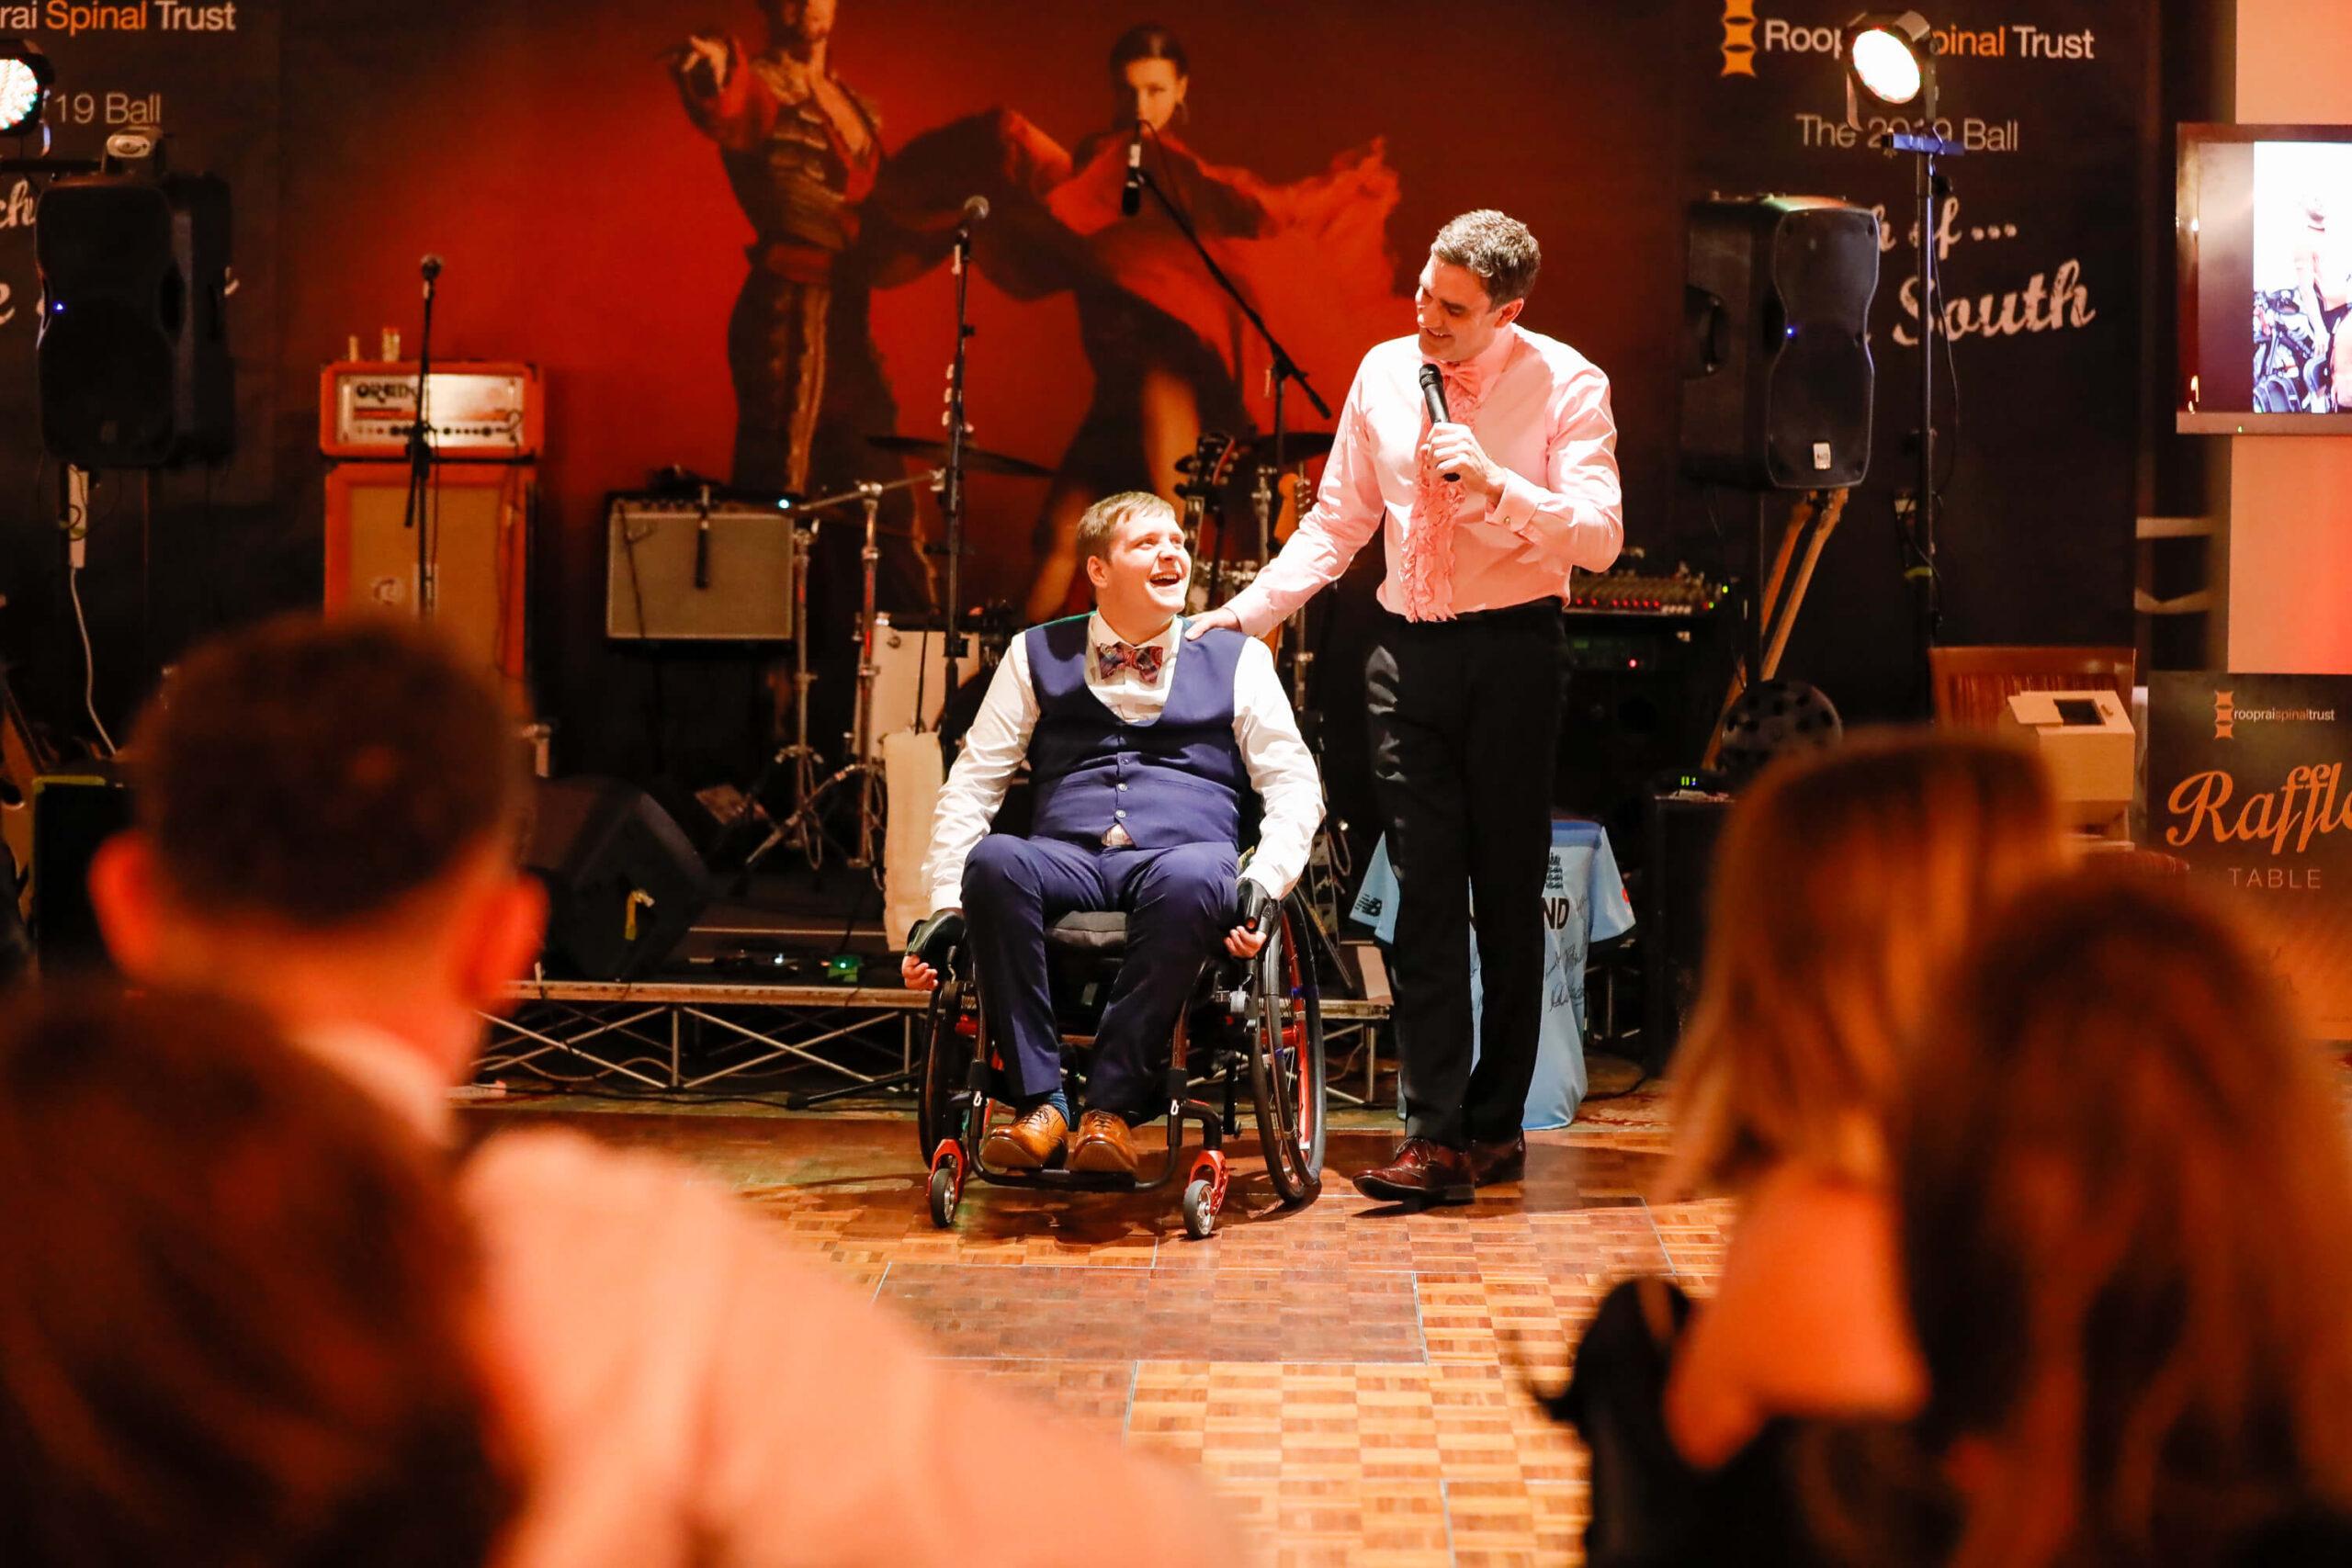 Norfolk tetraplegic artist's painting raises £2,000 for charity